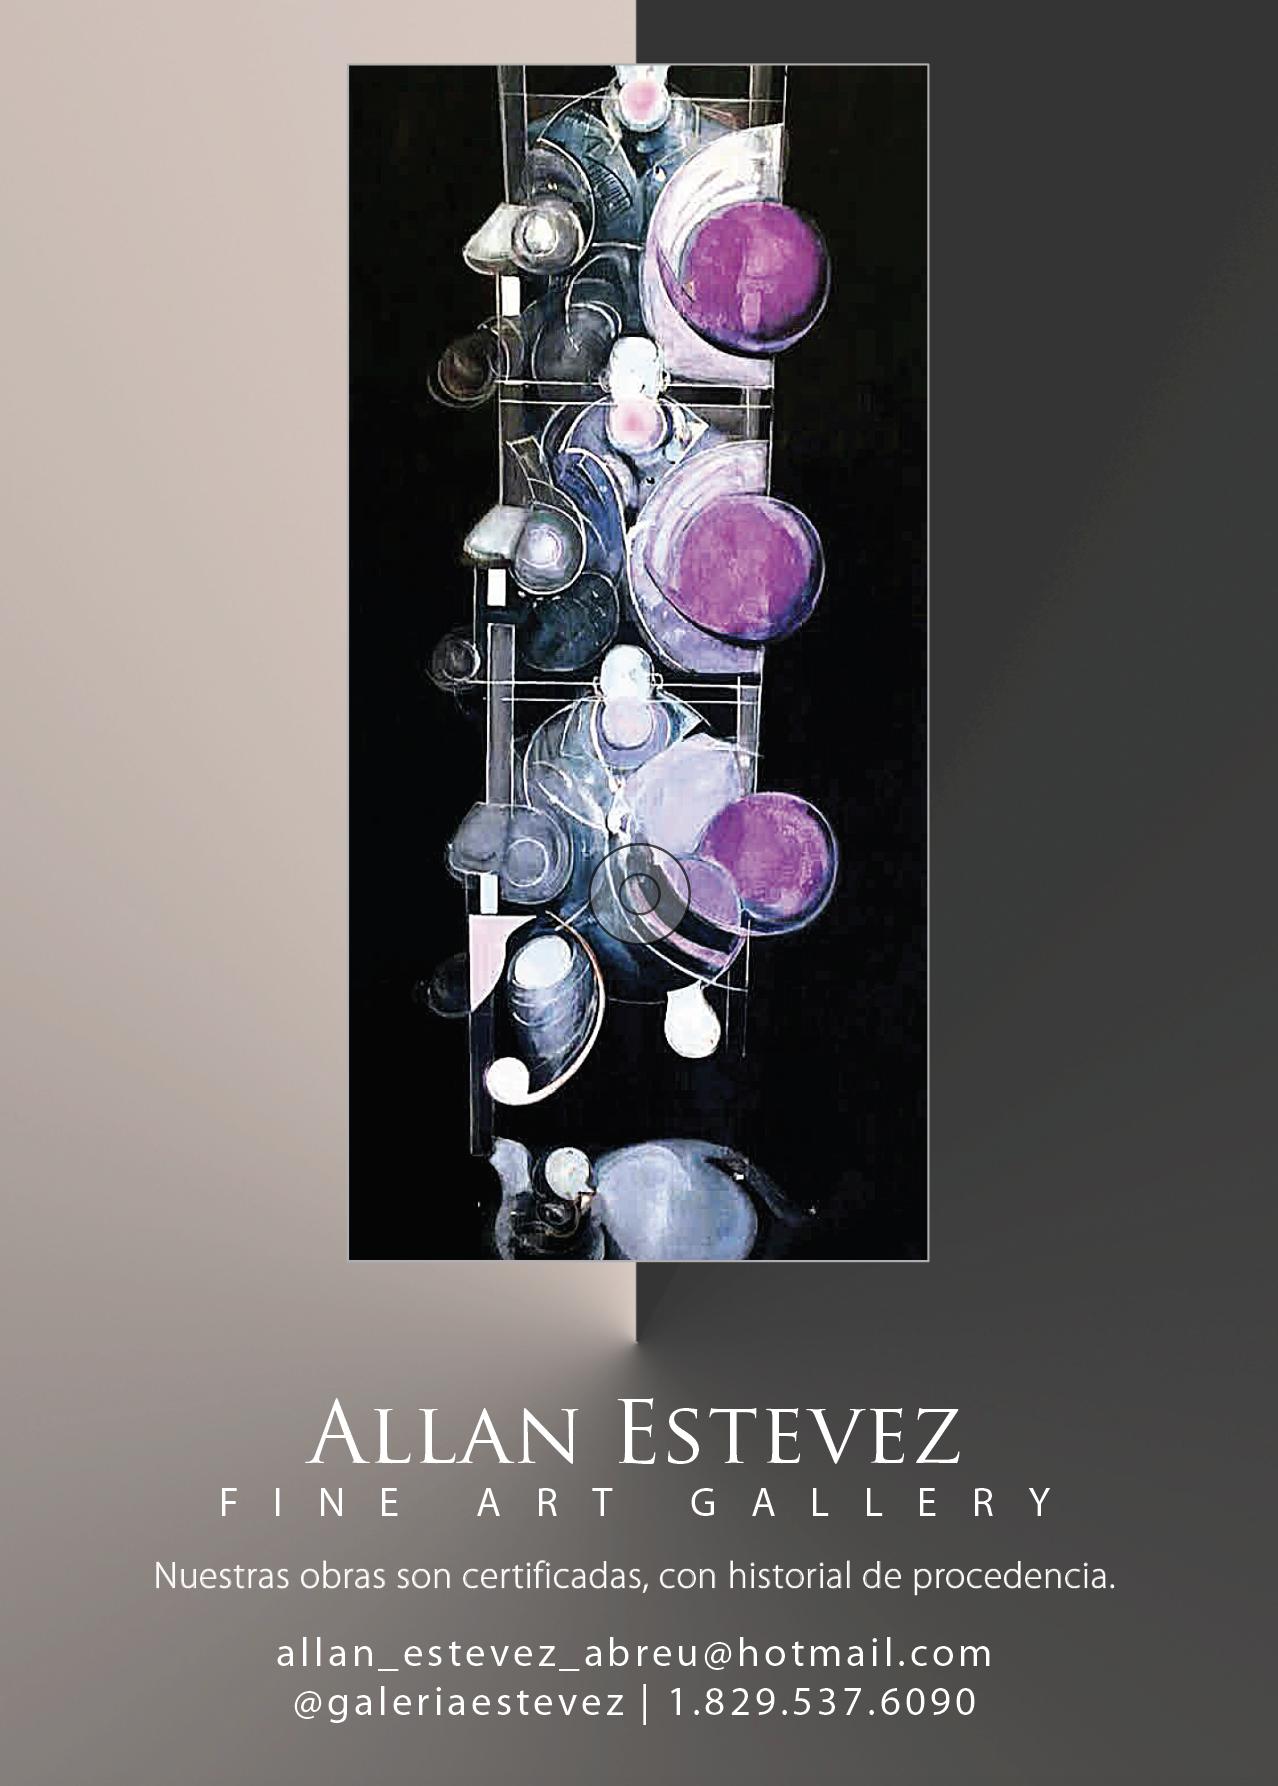 Allan Esteves